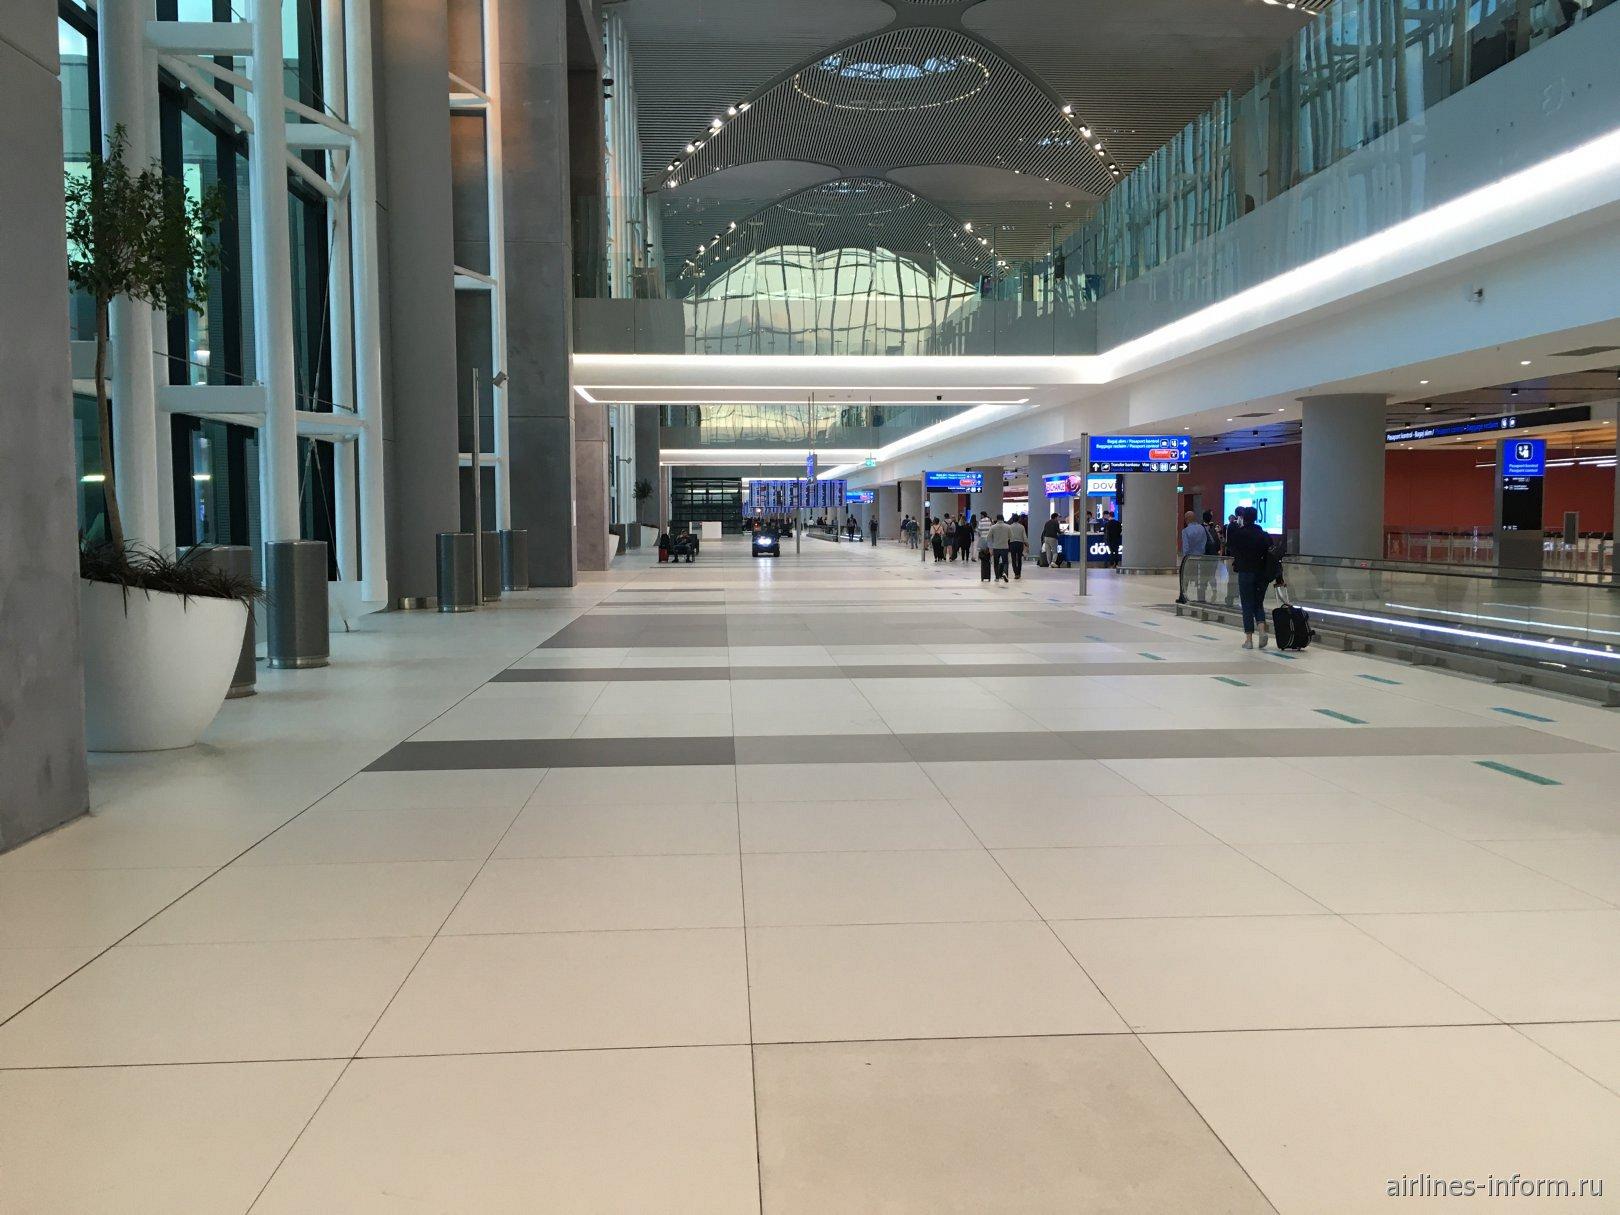 Уровень прилетов в центральной части терминала (зона С) аэропорта Стамбул Новый